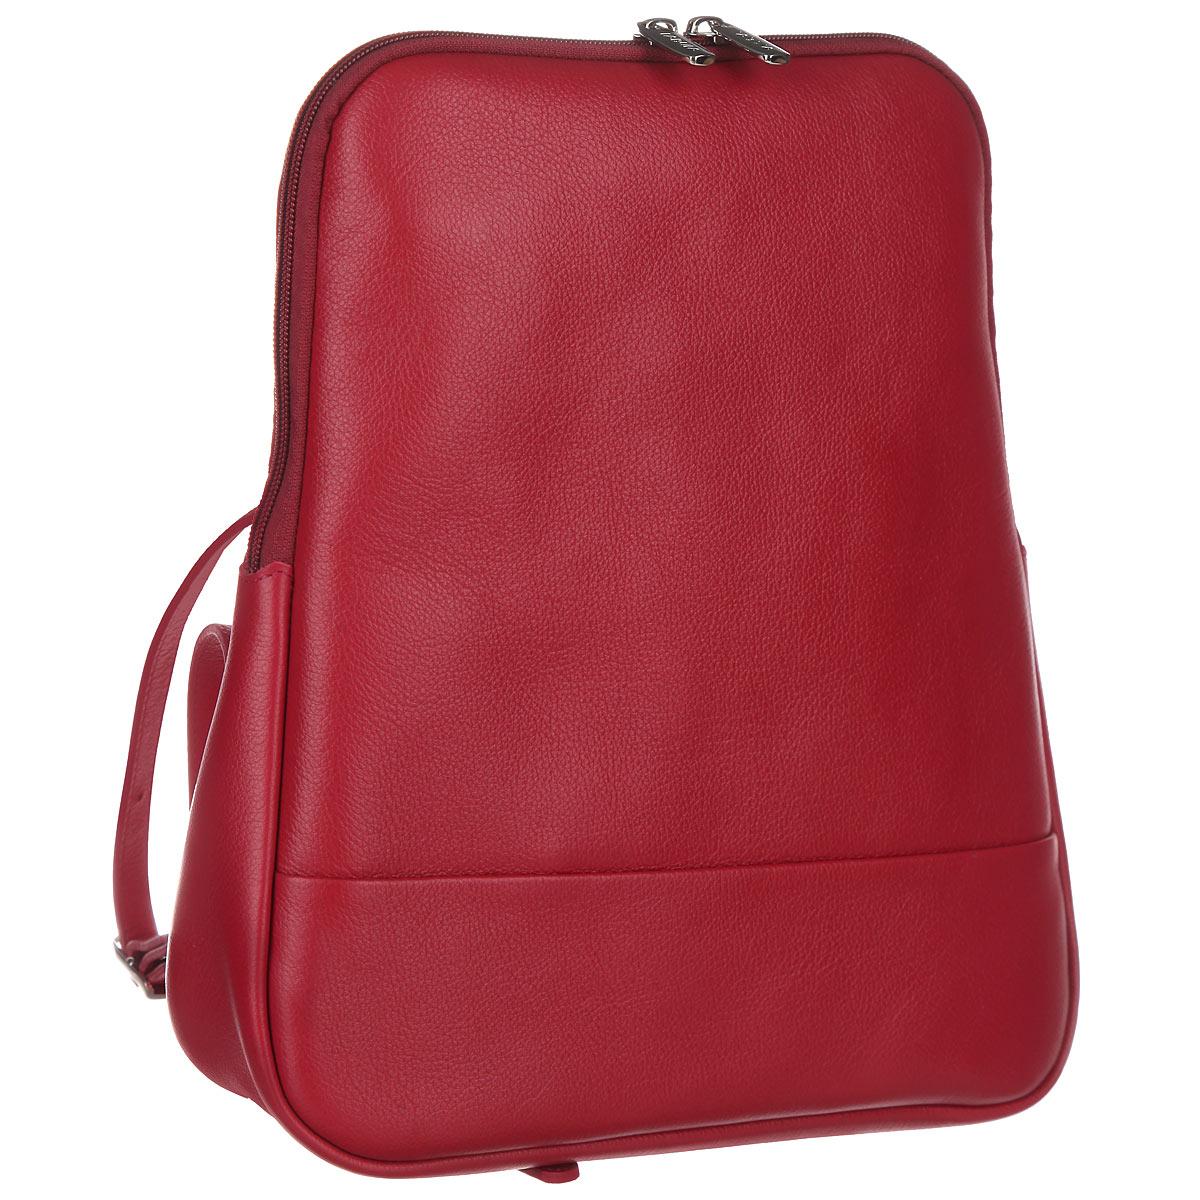 Рюкзак женский Fabula, цвет: ягодный. S.141.FP101225Стильный женский рюкзак Fabula из коллекции Every day выполнен из натуральной кожи и оформлен фактурным тиснением. Закрывается на молнию. Изделие содержит одно основное отделение, закрывающееся на застежку-молнию. Внутри - врезной карман на молнии, два накладных кармашка для мобильного телефона и мелочей. На внешней оборотной стороне два регулируемых за счет пряжек плечевых ремня.Рюкзак упакован в фирменный пакет.Оригинальный рюкзак станет незаменимым спутником в маленьком путешествии, поможет вам подчеркнуть свою индивидуальность и сделает ваш образ изысканным и завершенным.